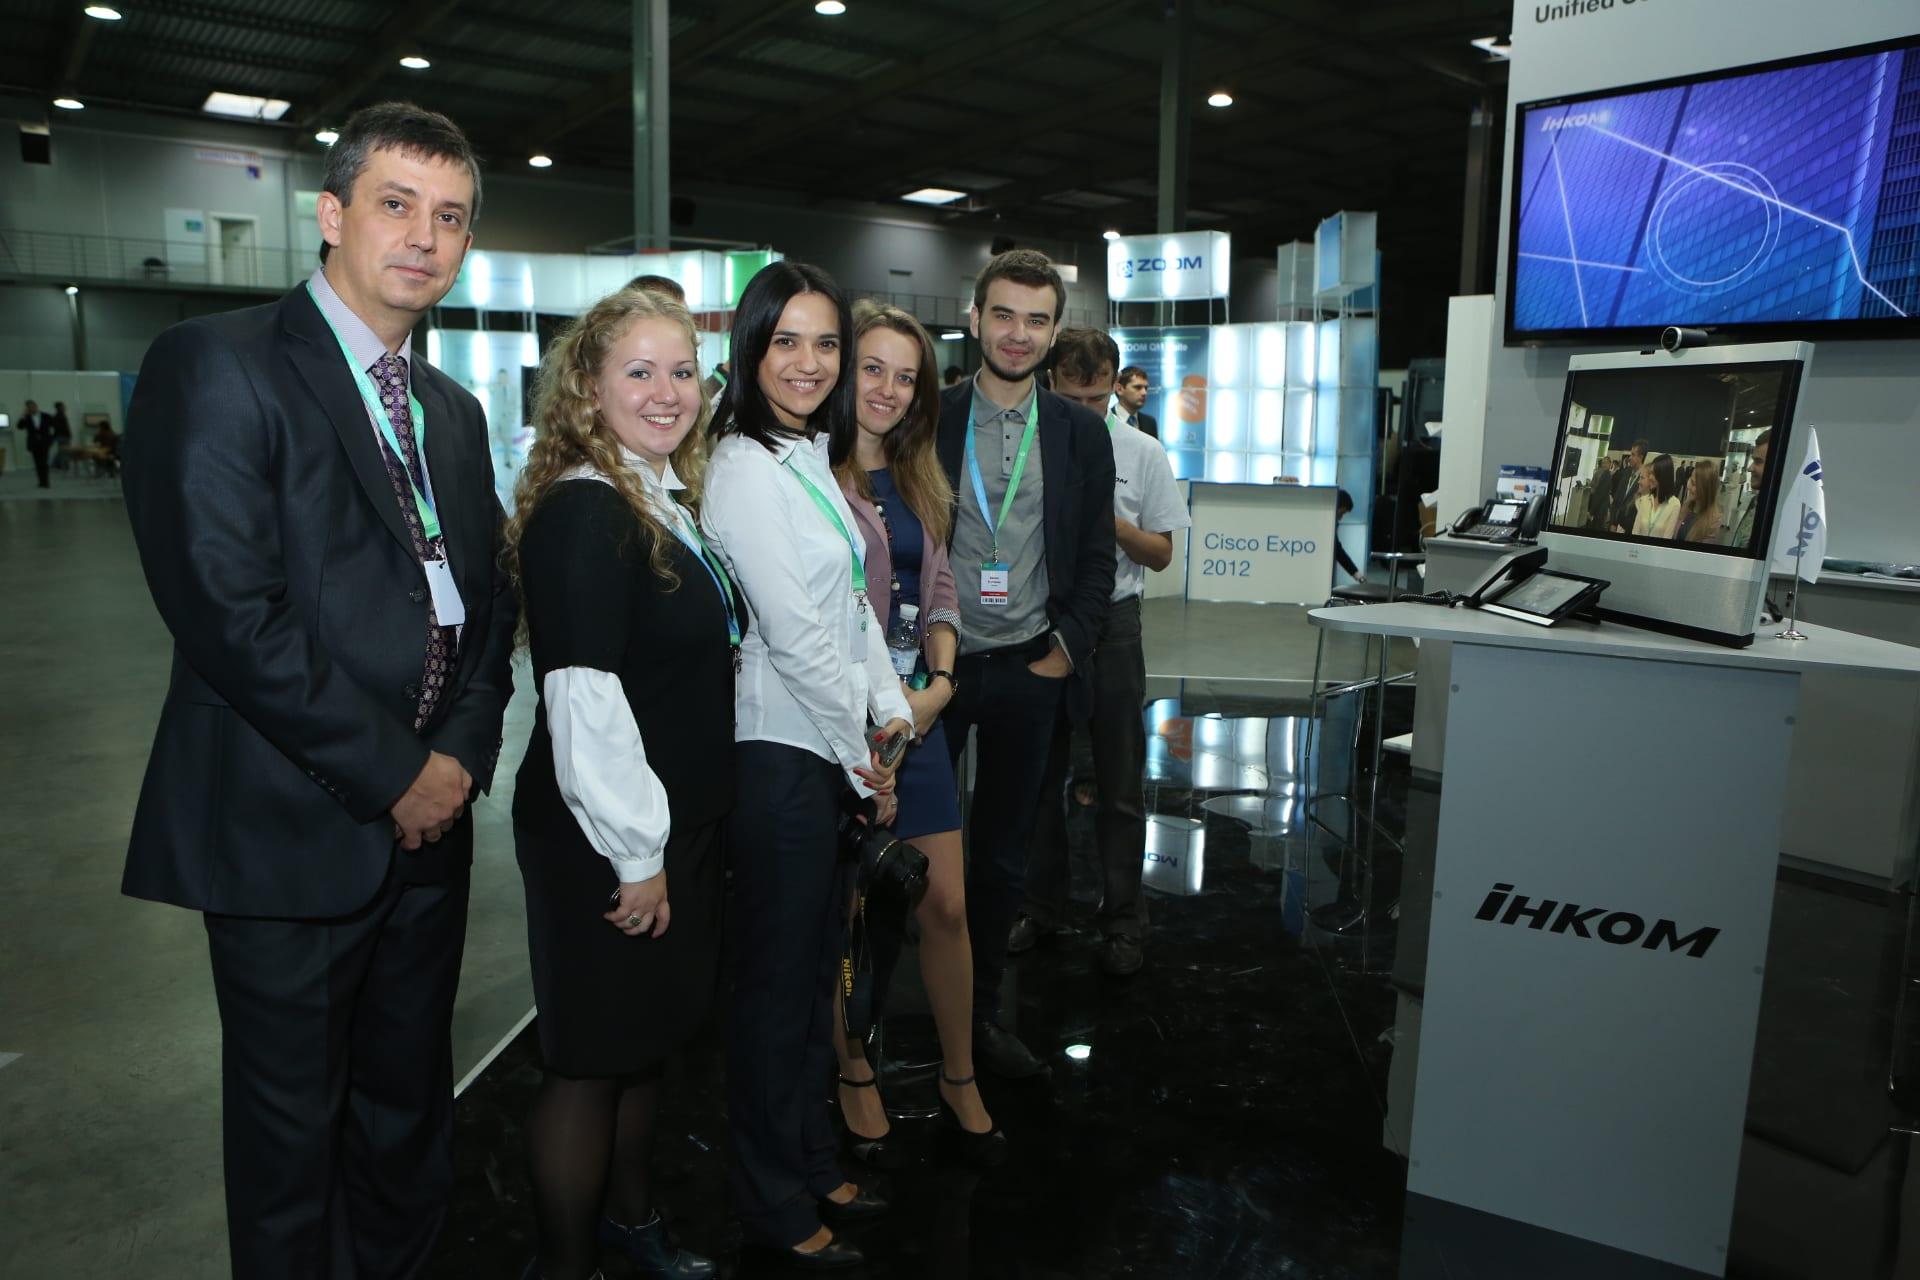 Cisco Expo 2012